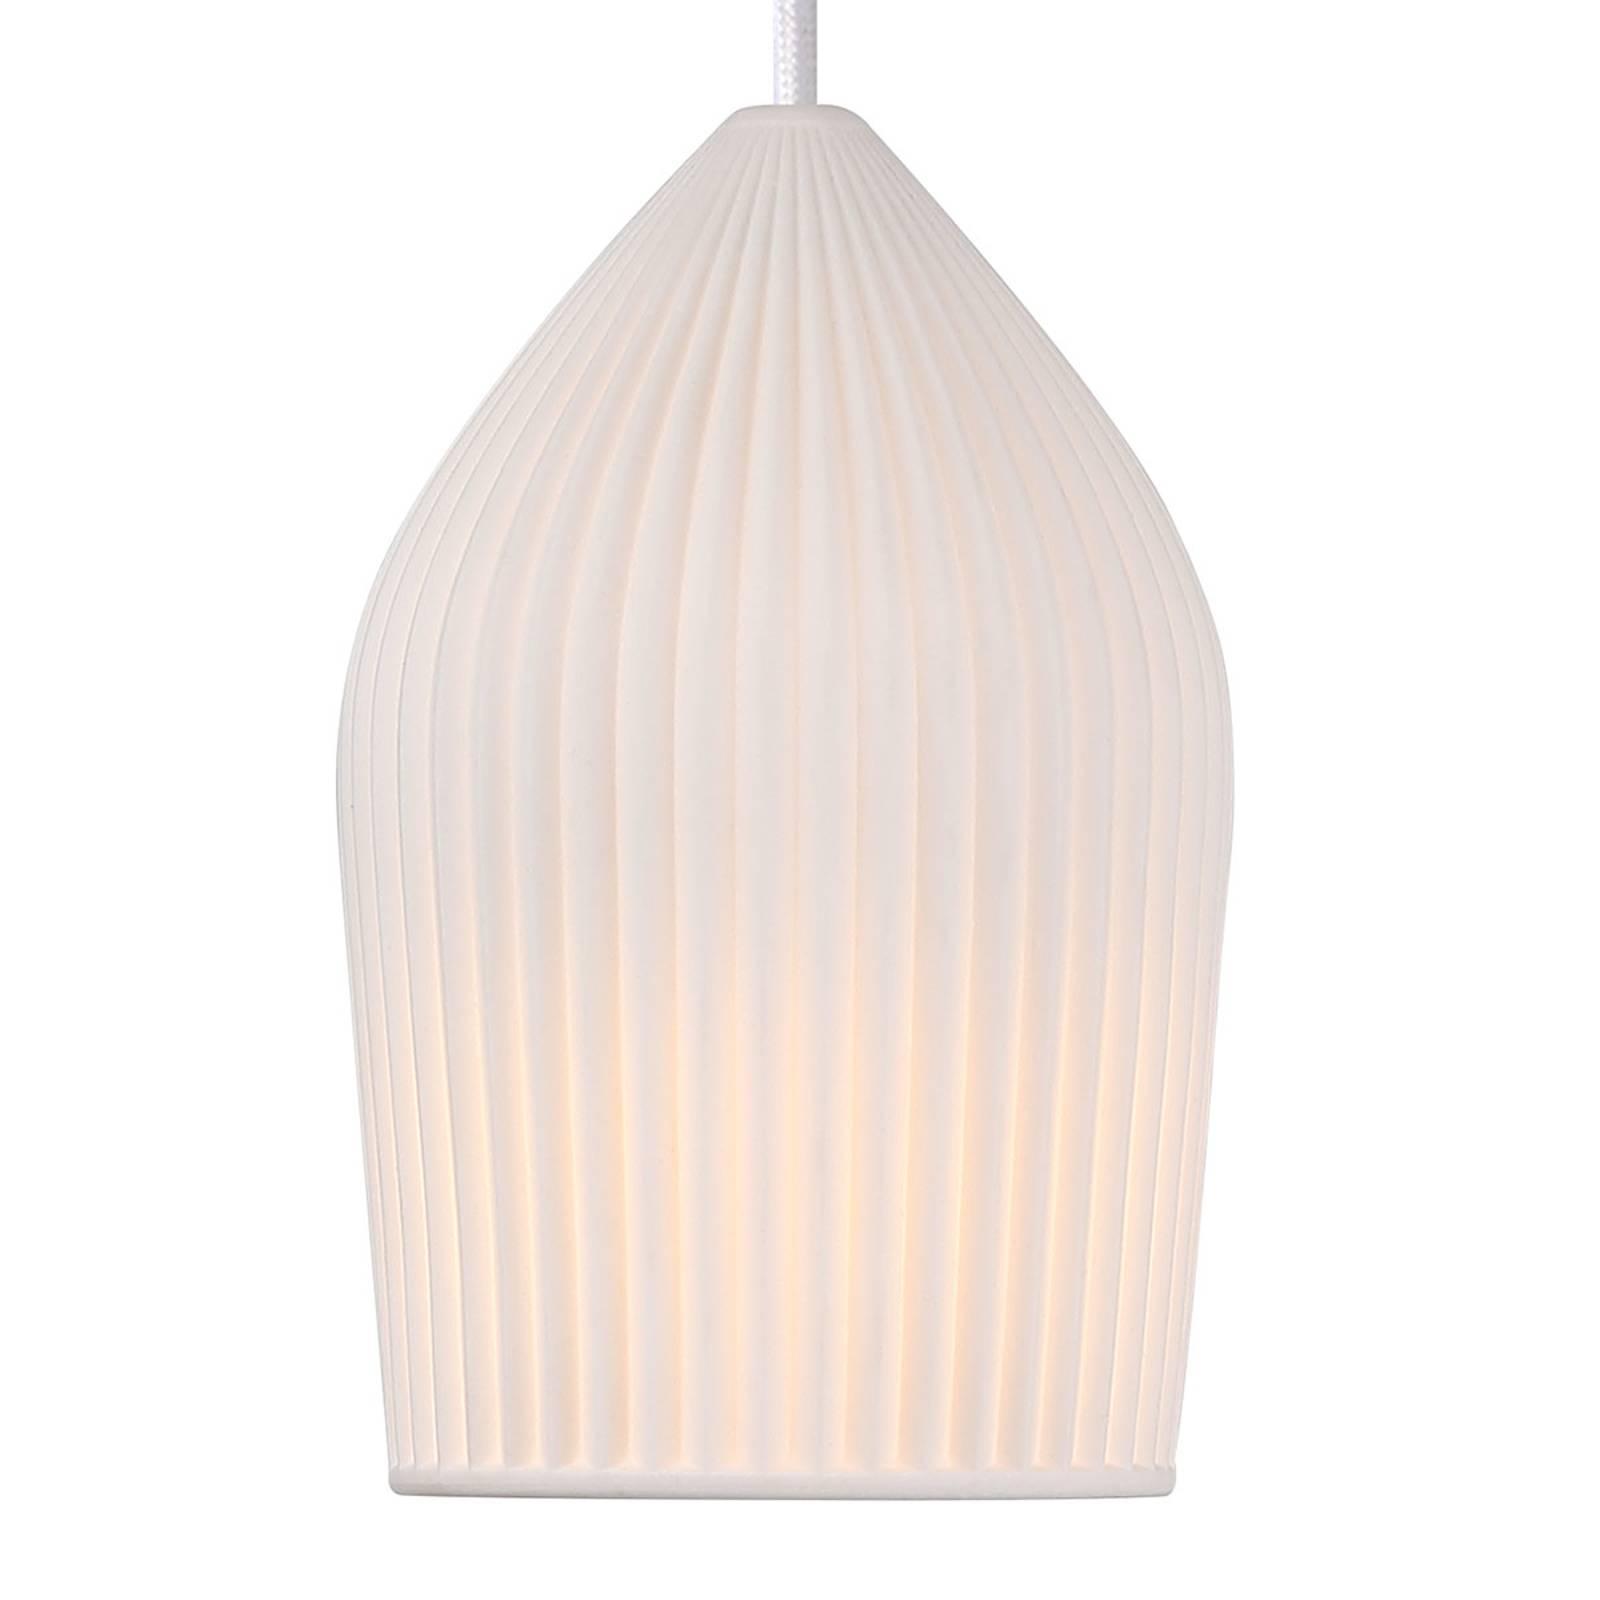 Biała ceramiczna lampa wisząca Reykjavik Ø 12 cm